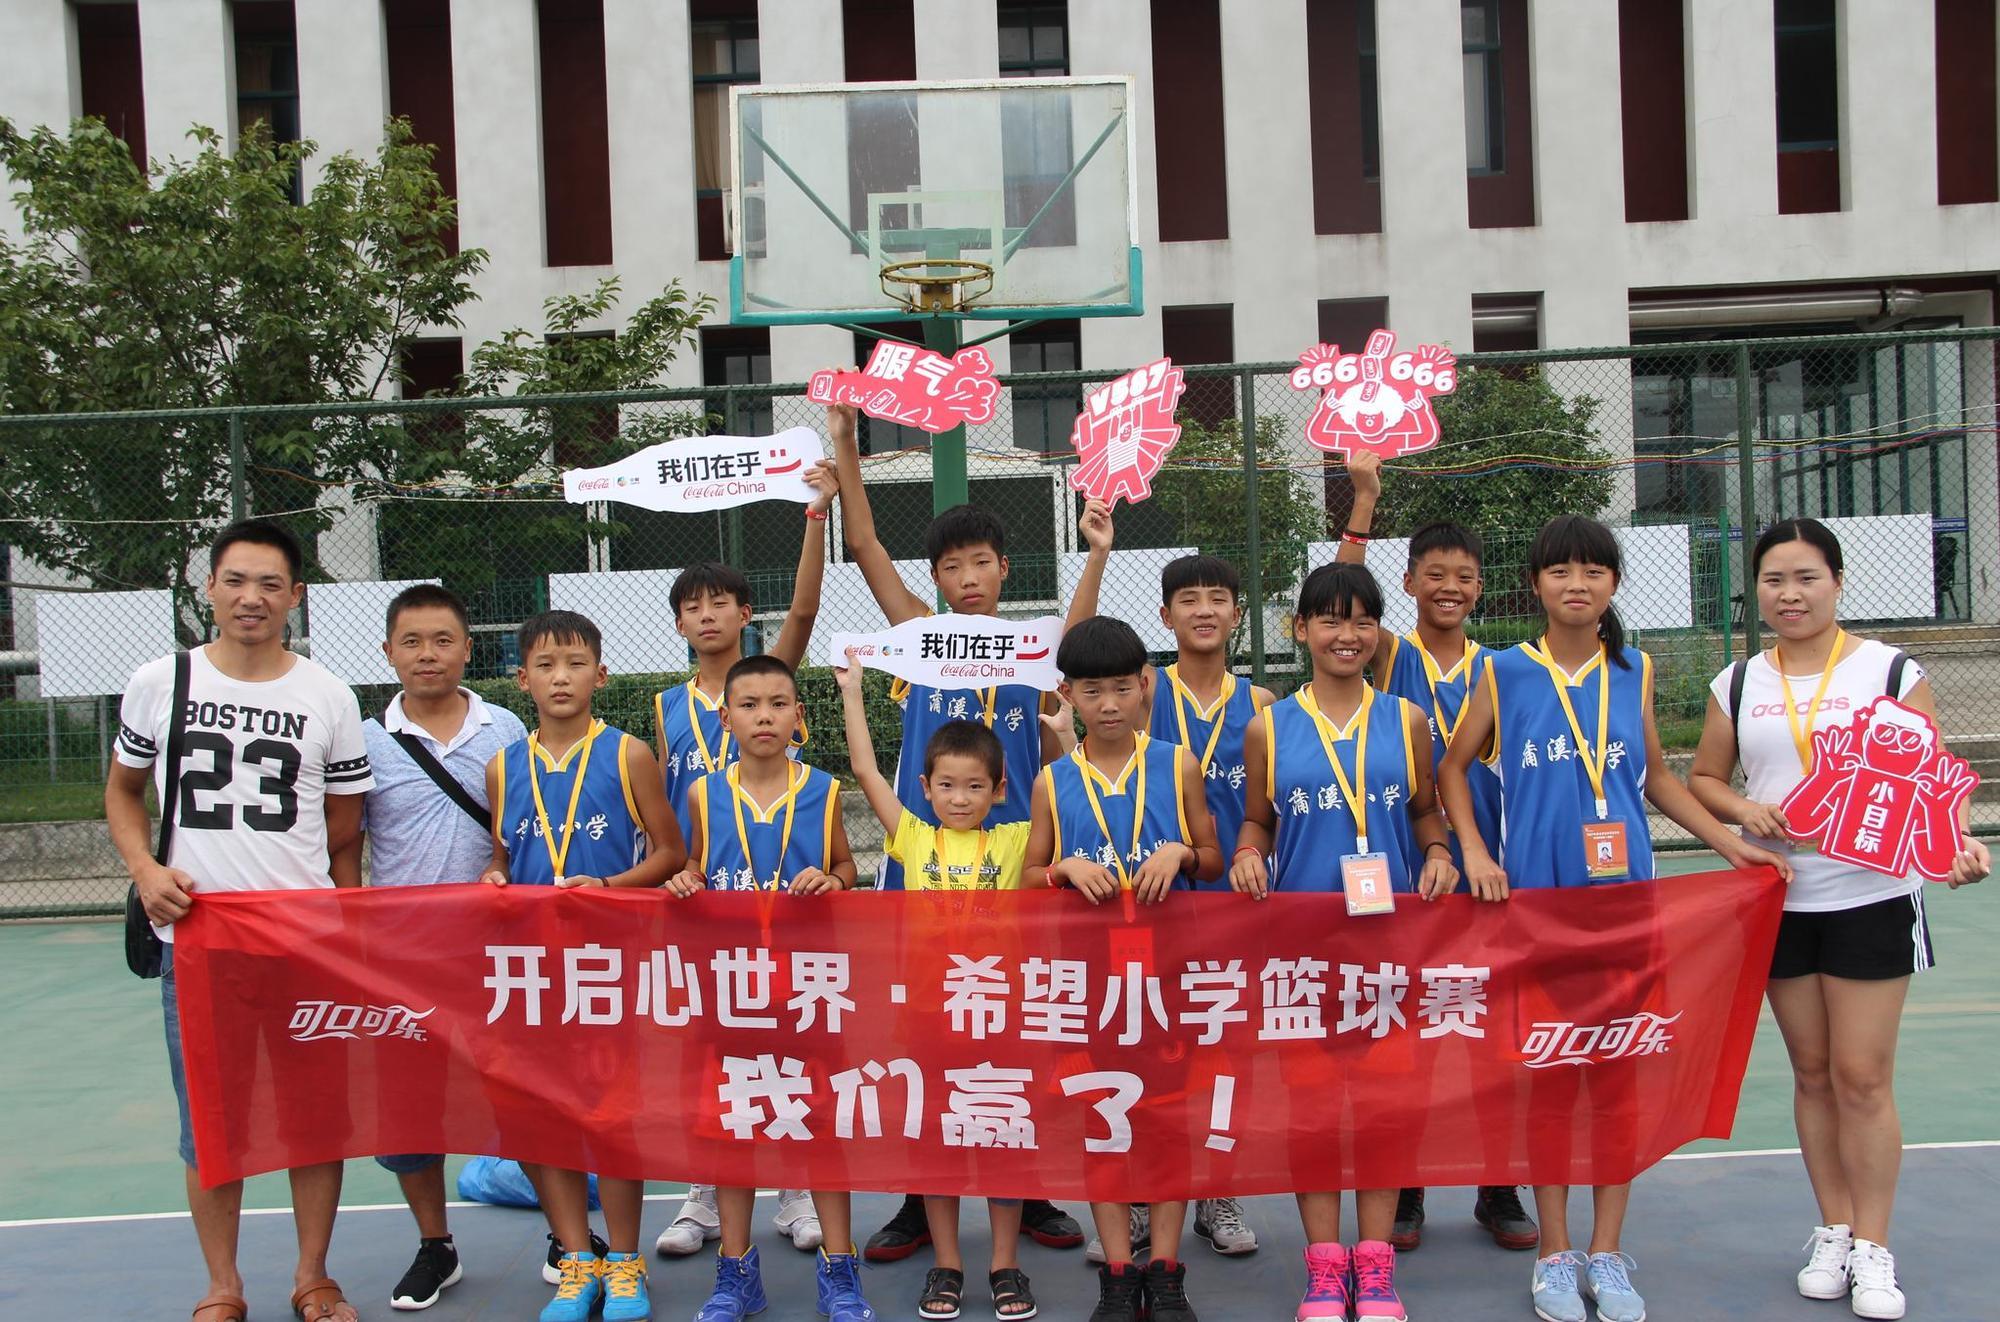 #开启心世界#篮球公益活动